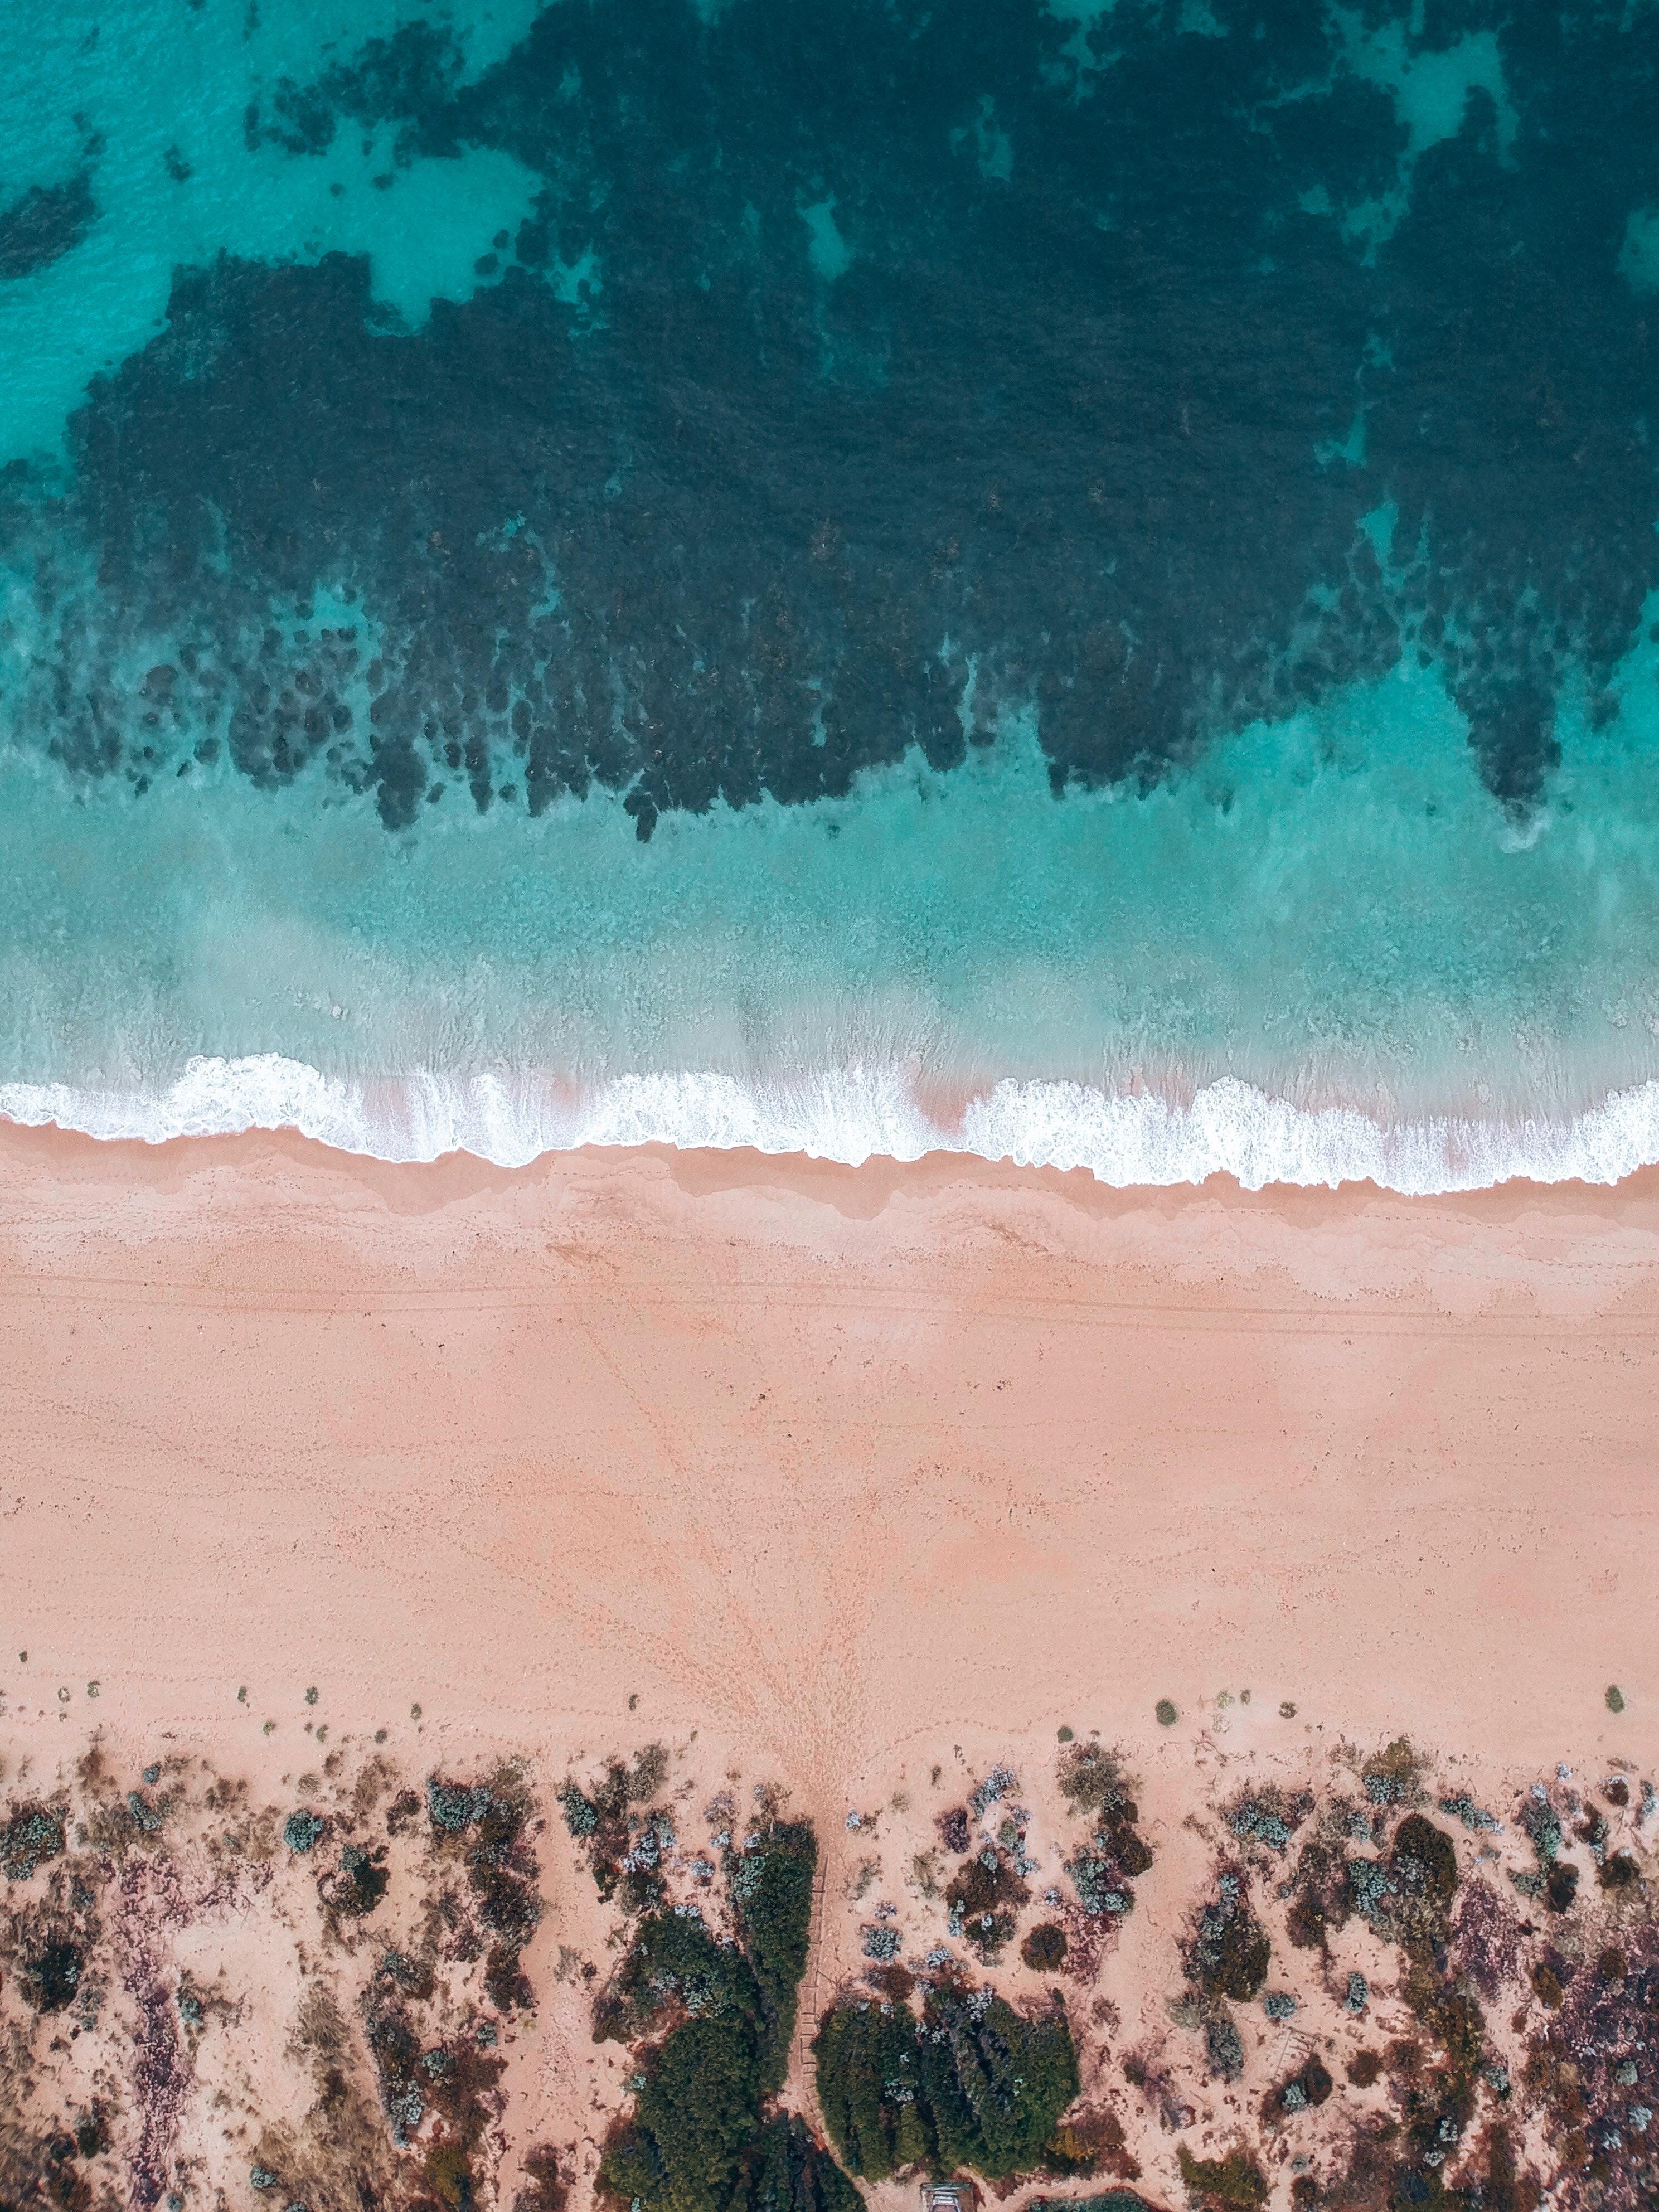 59447 免費下載壁紙 性质, 海, 海滩, 从上面看, 顶视图, 支撑, 海岸, 水, 沙 屏保和圖片